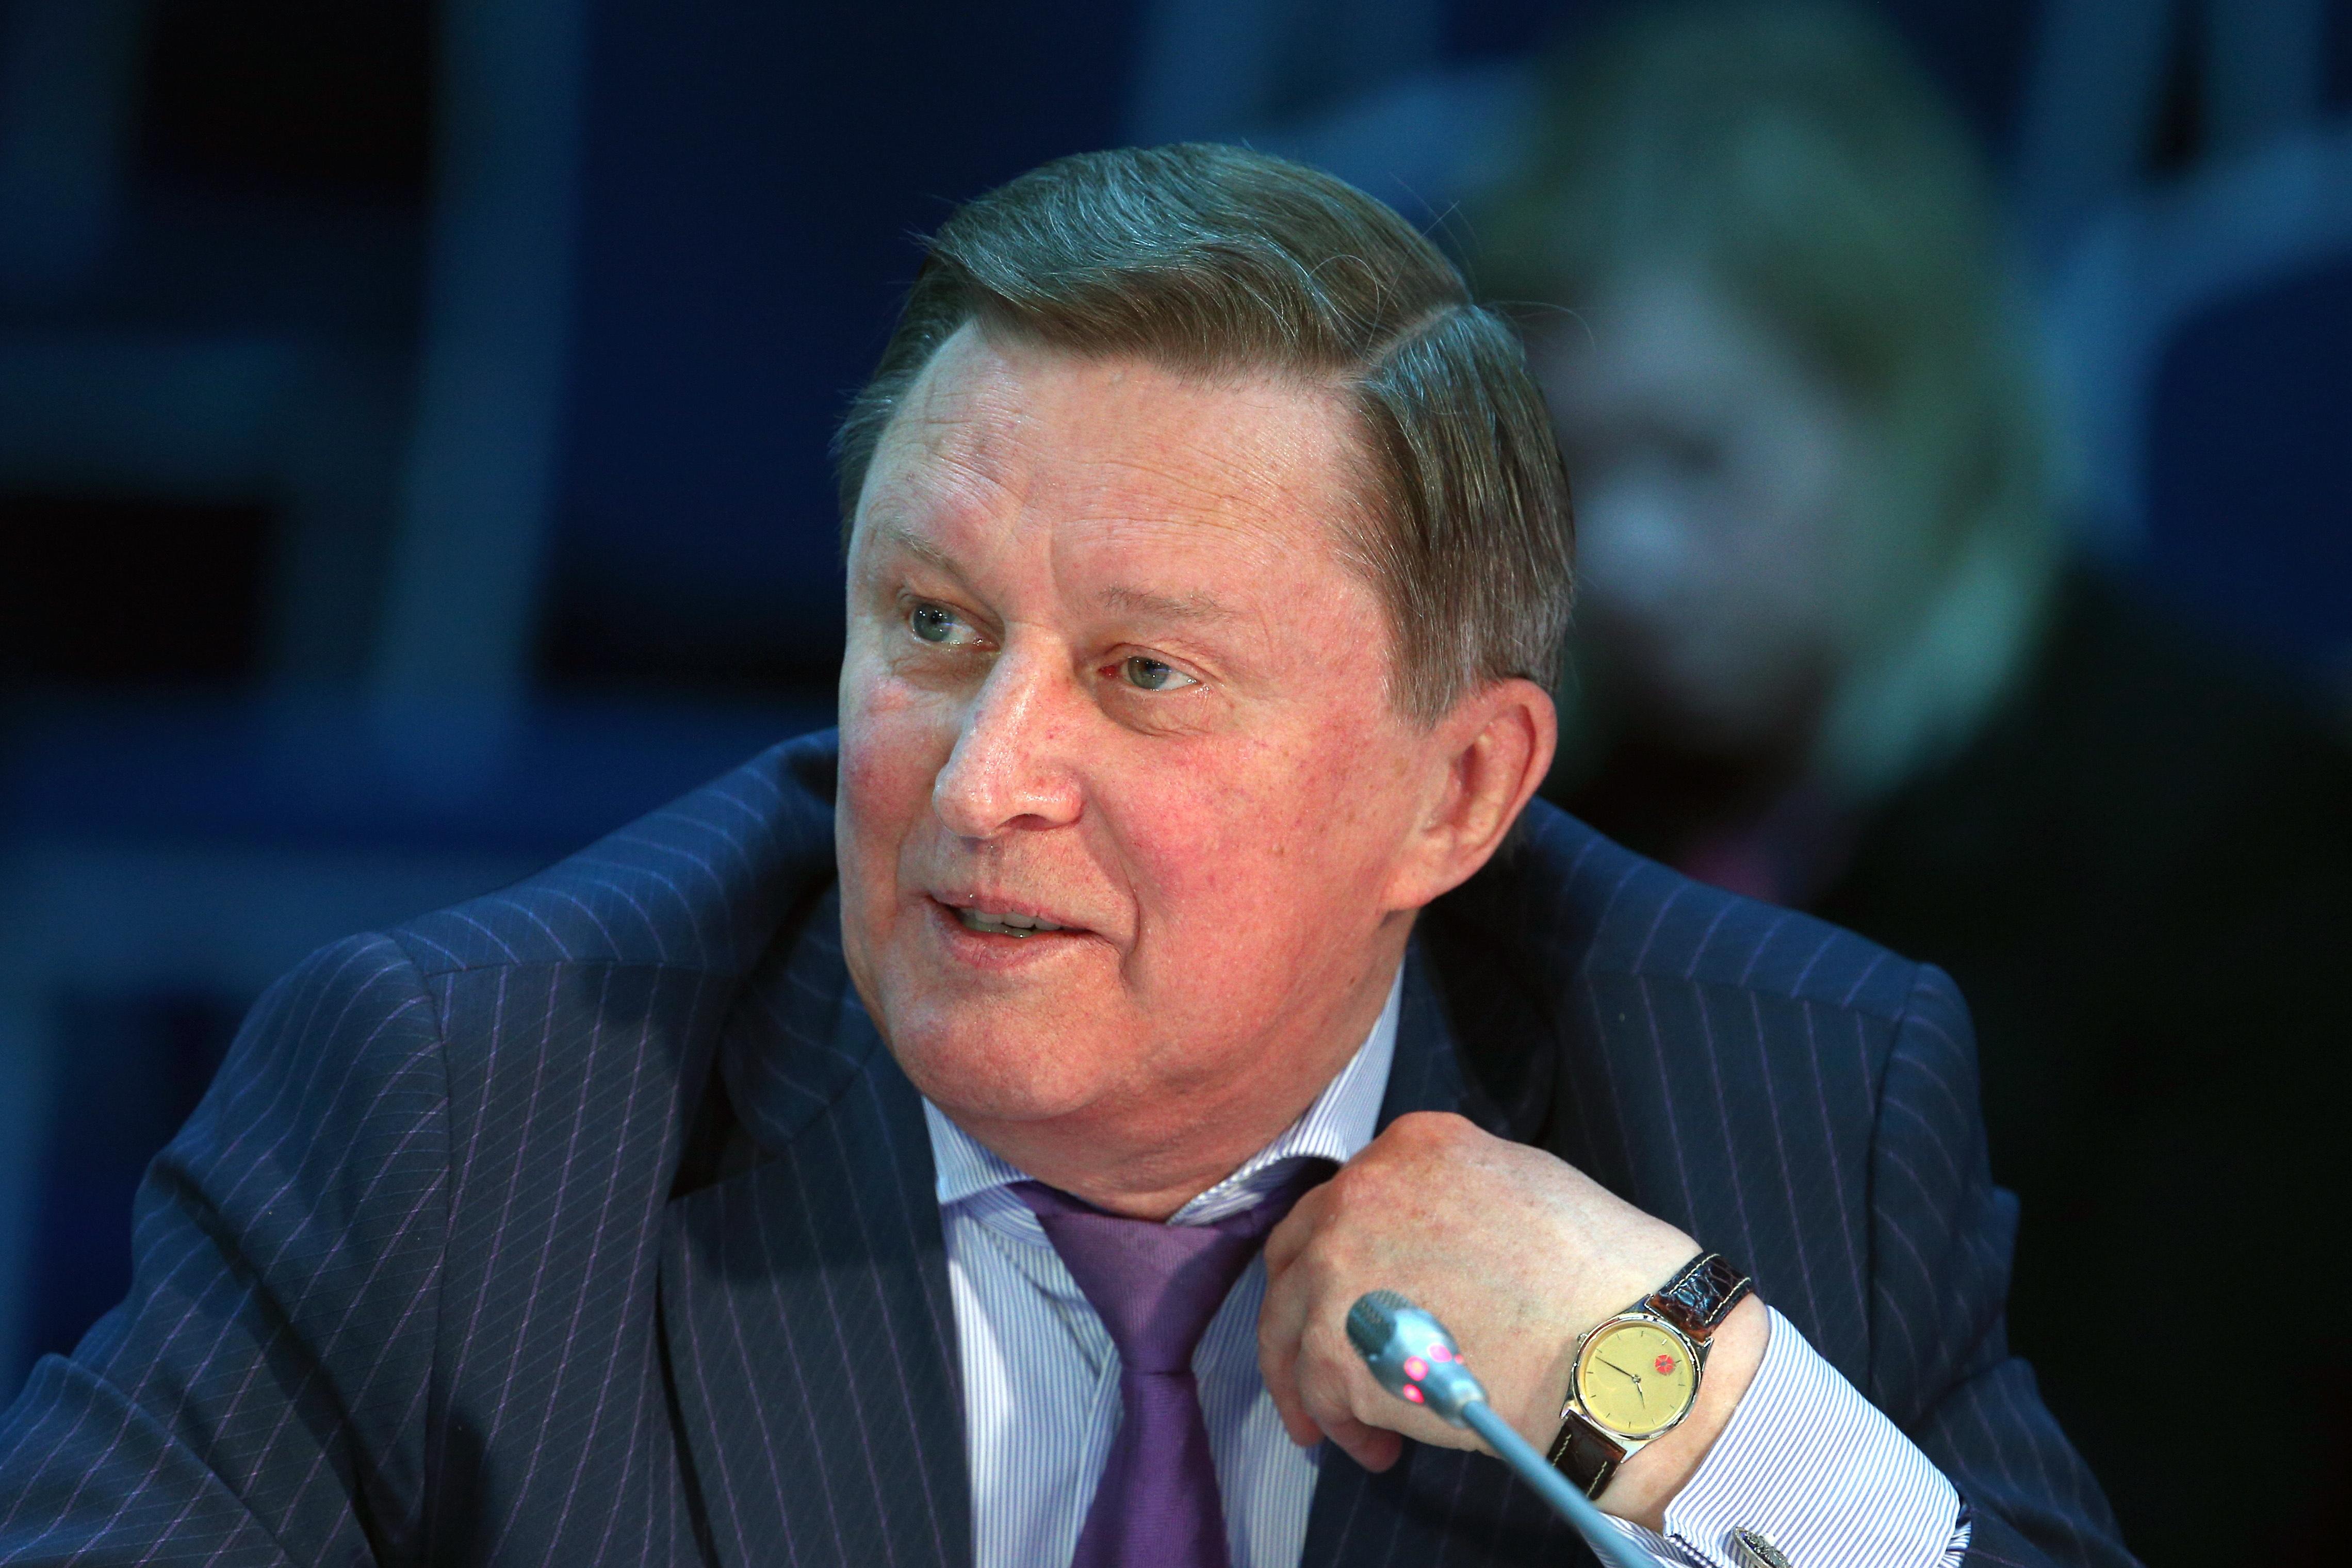 специальный представитель президента России по вопросам природоохранной деятельности, экологии и транспорта Сергей Иванов